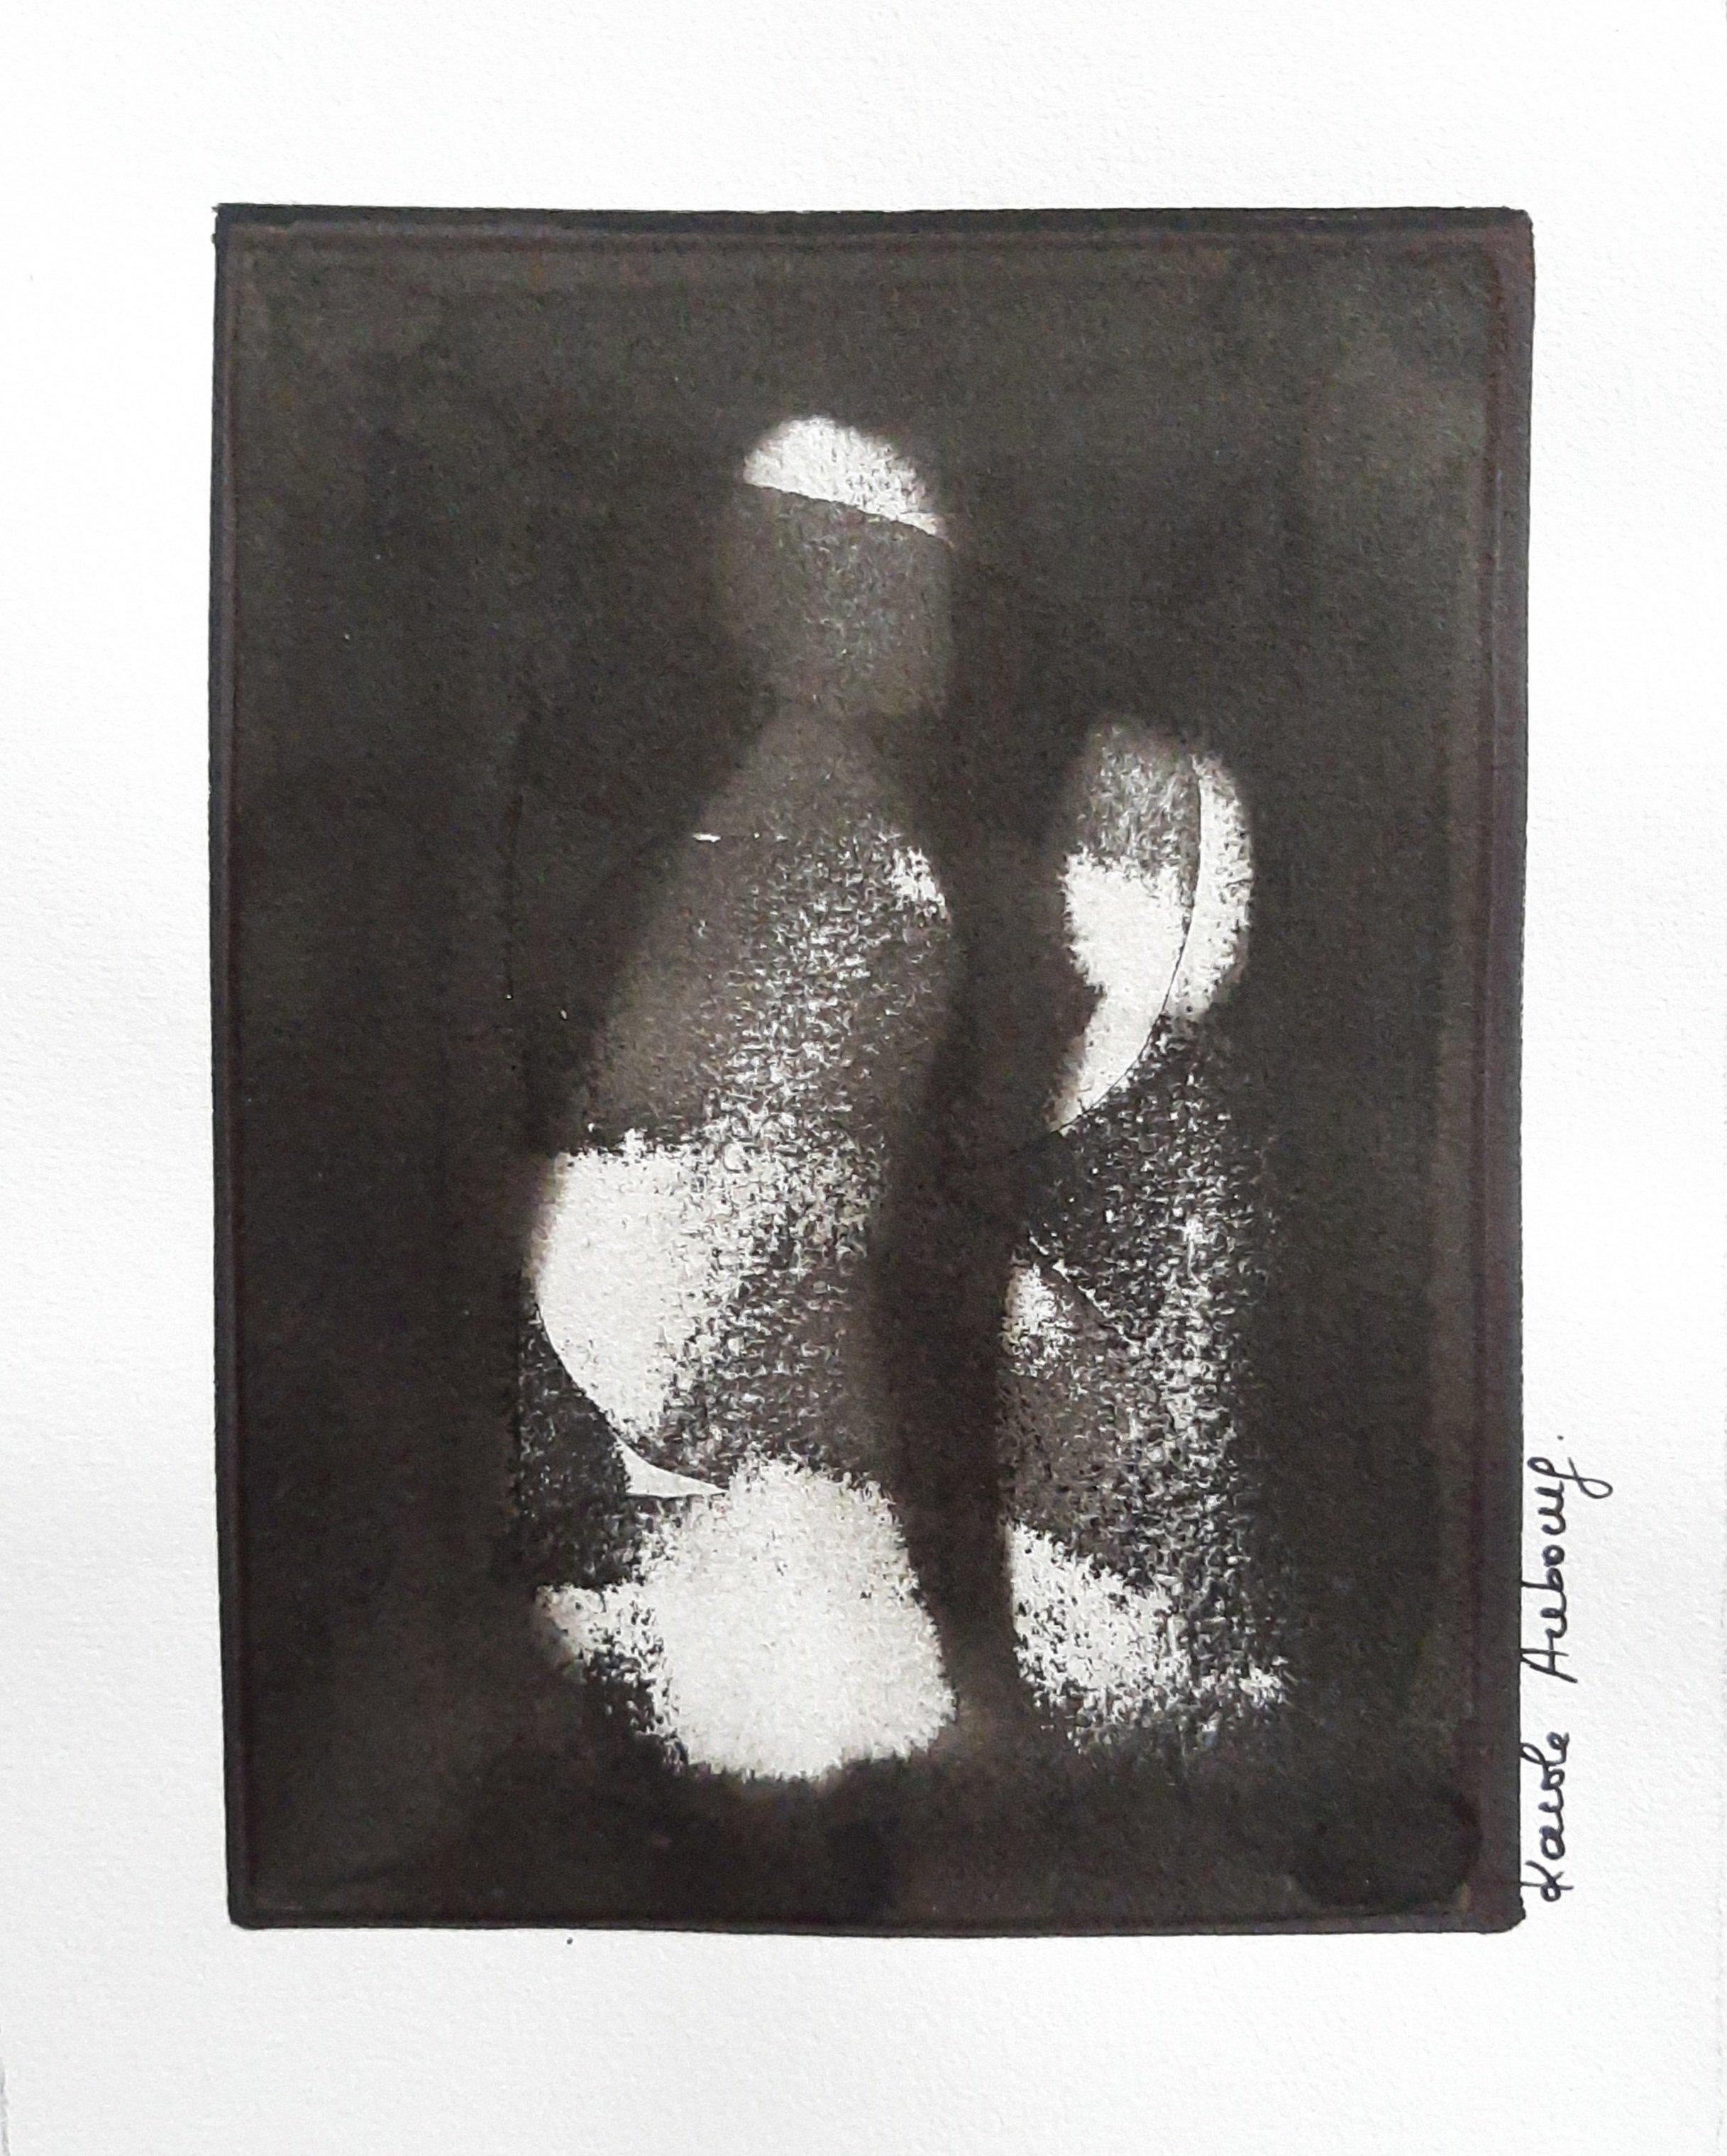 Encre de Chine sur papier Numero 3 Karole Aubourg Dim 30 x 21 cm